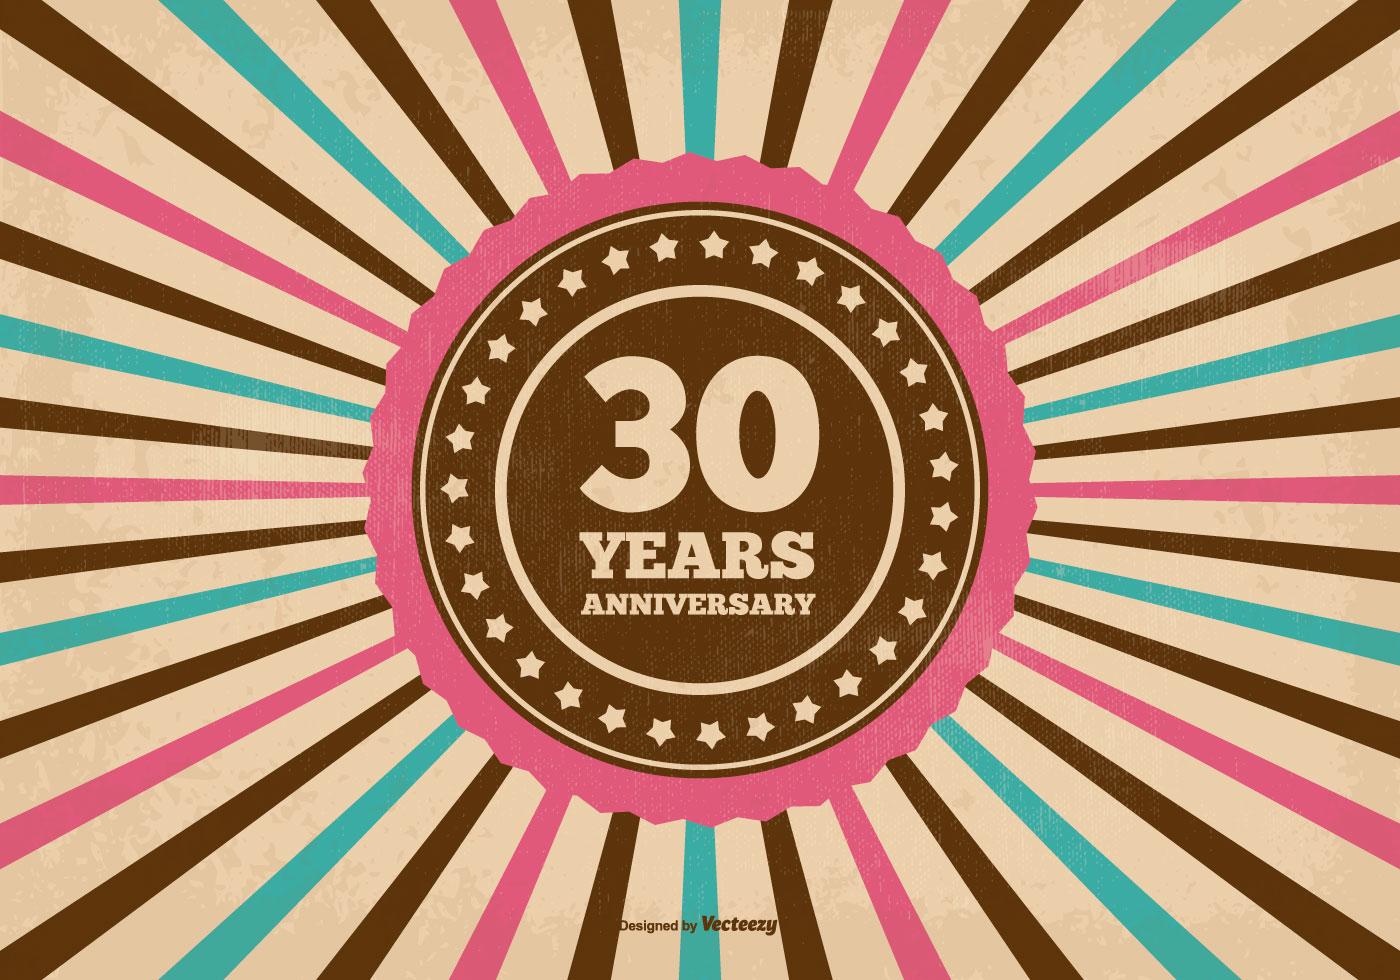 30 years anniversary free vector art 5424 free downloads